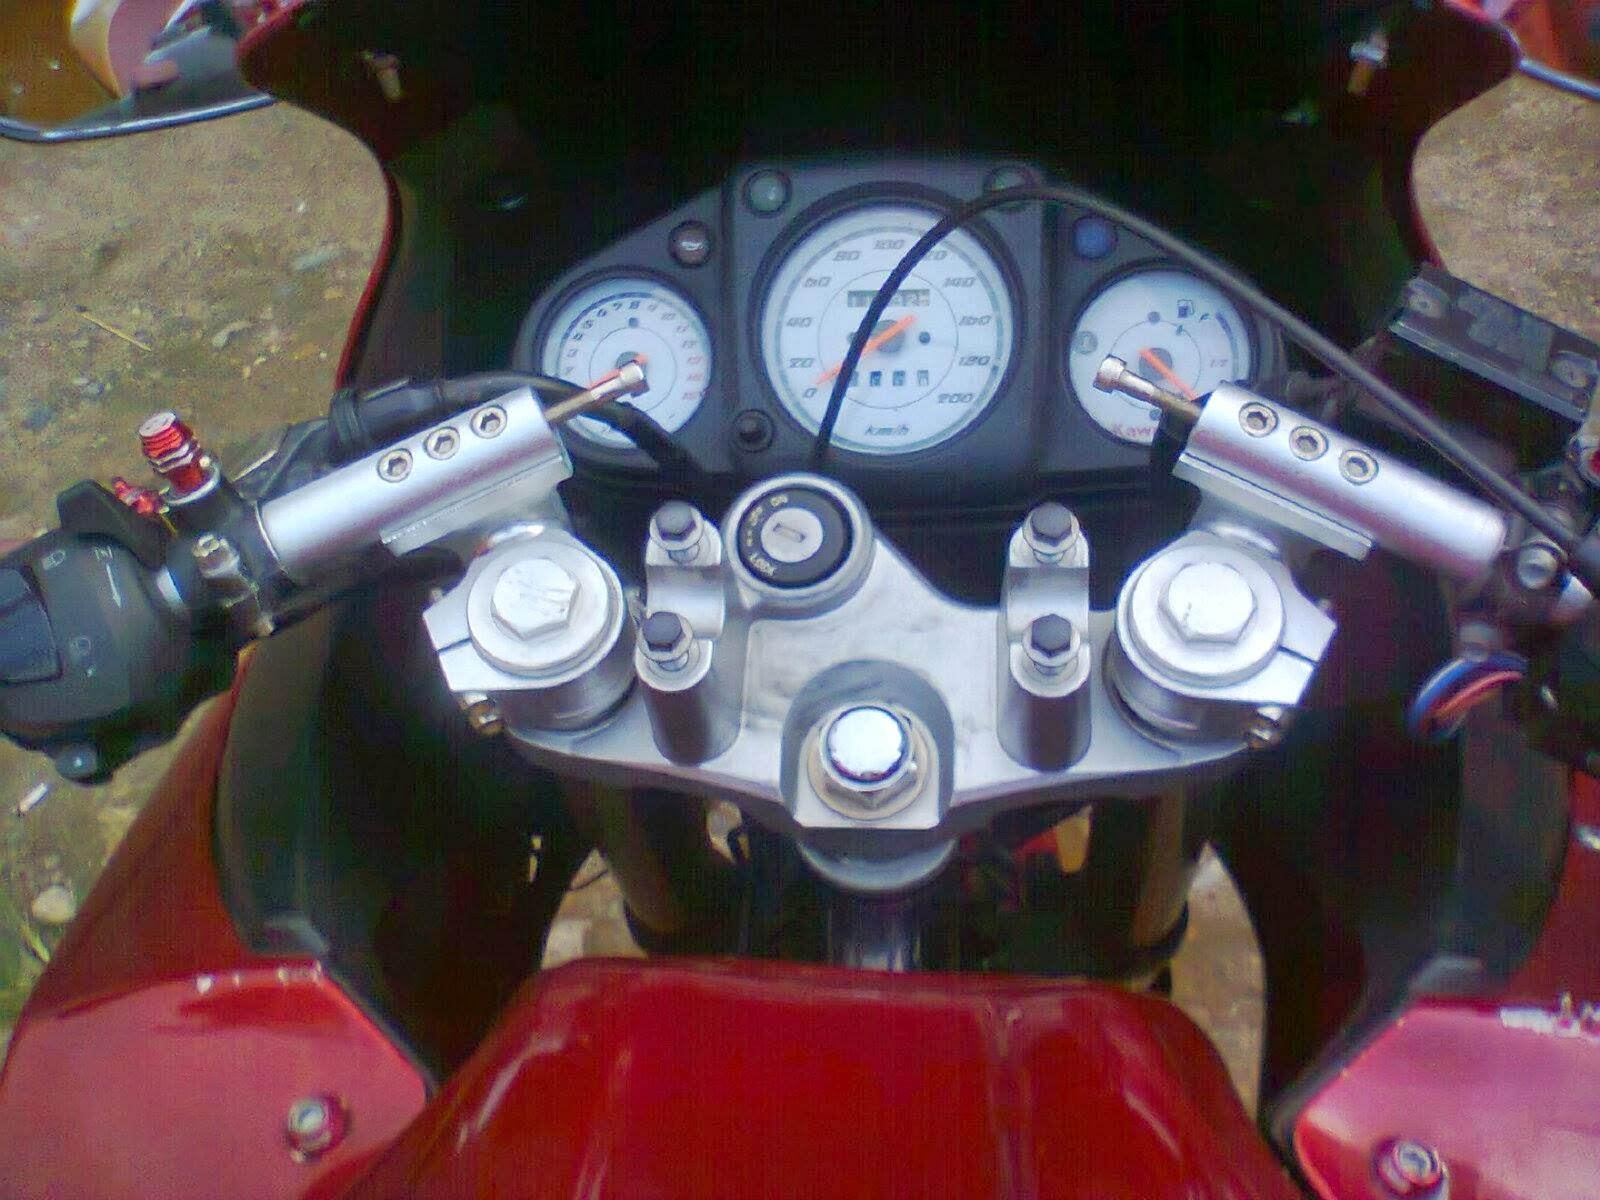 Modifikasi-Cb150r-Ala-Ninja-modifikasi-cb150r-terbaru-6022-IMG.JPG